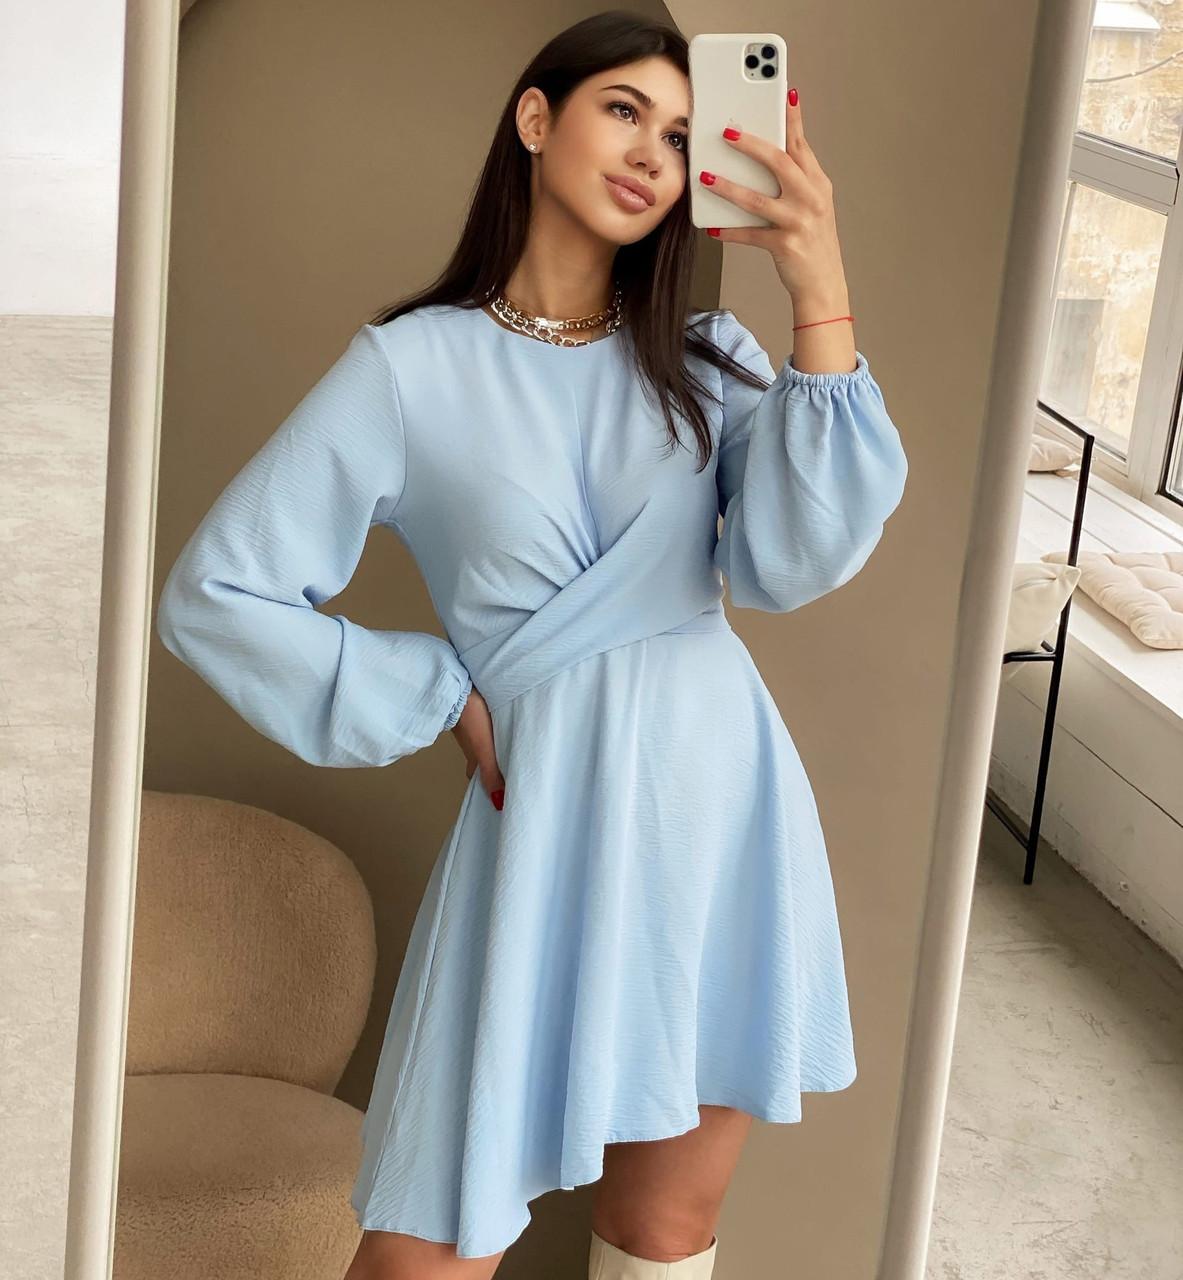 Женское платье с объёмными рукавами и пышной юбкой